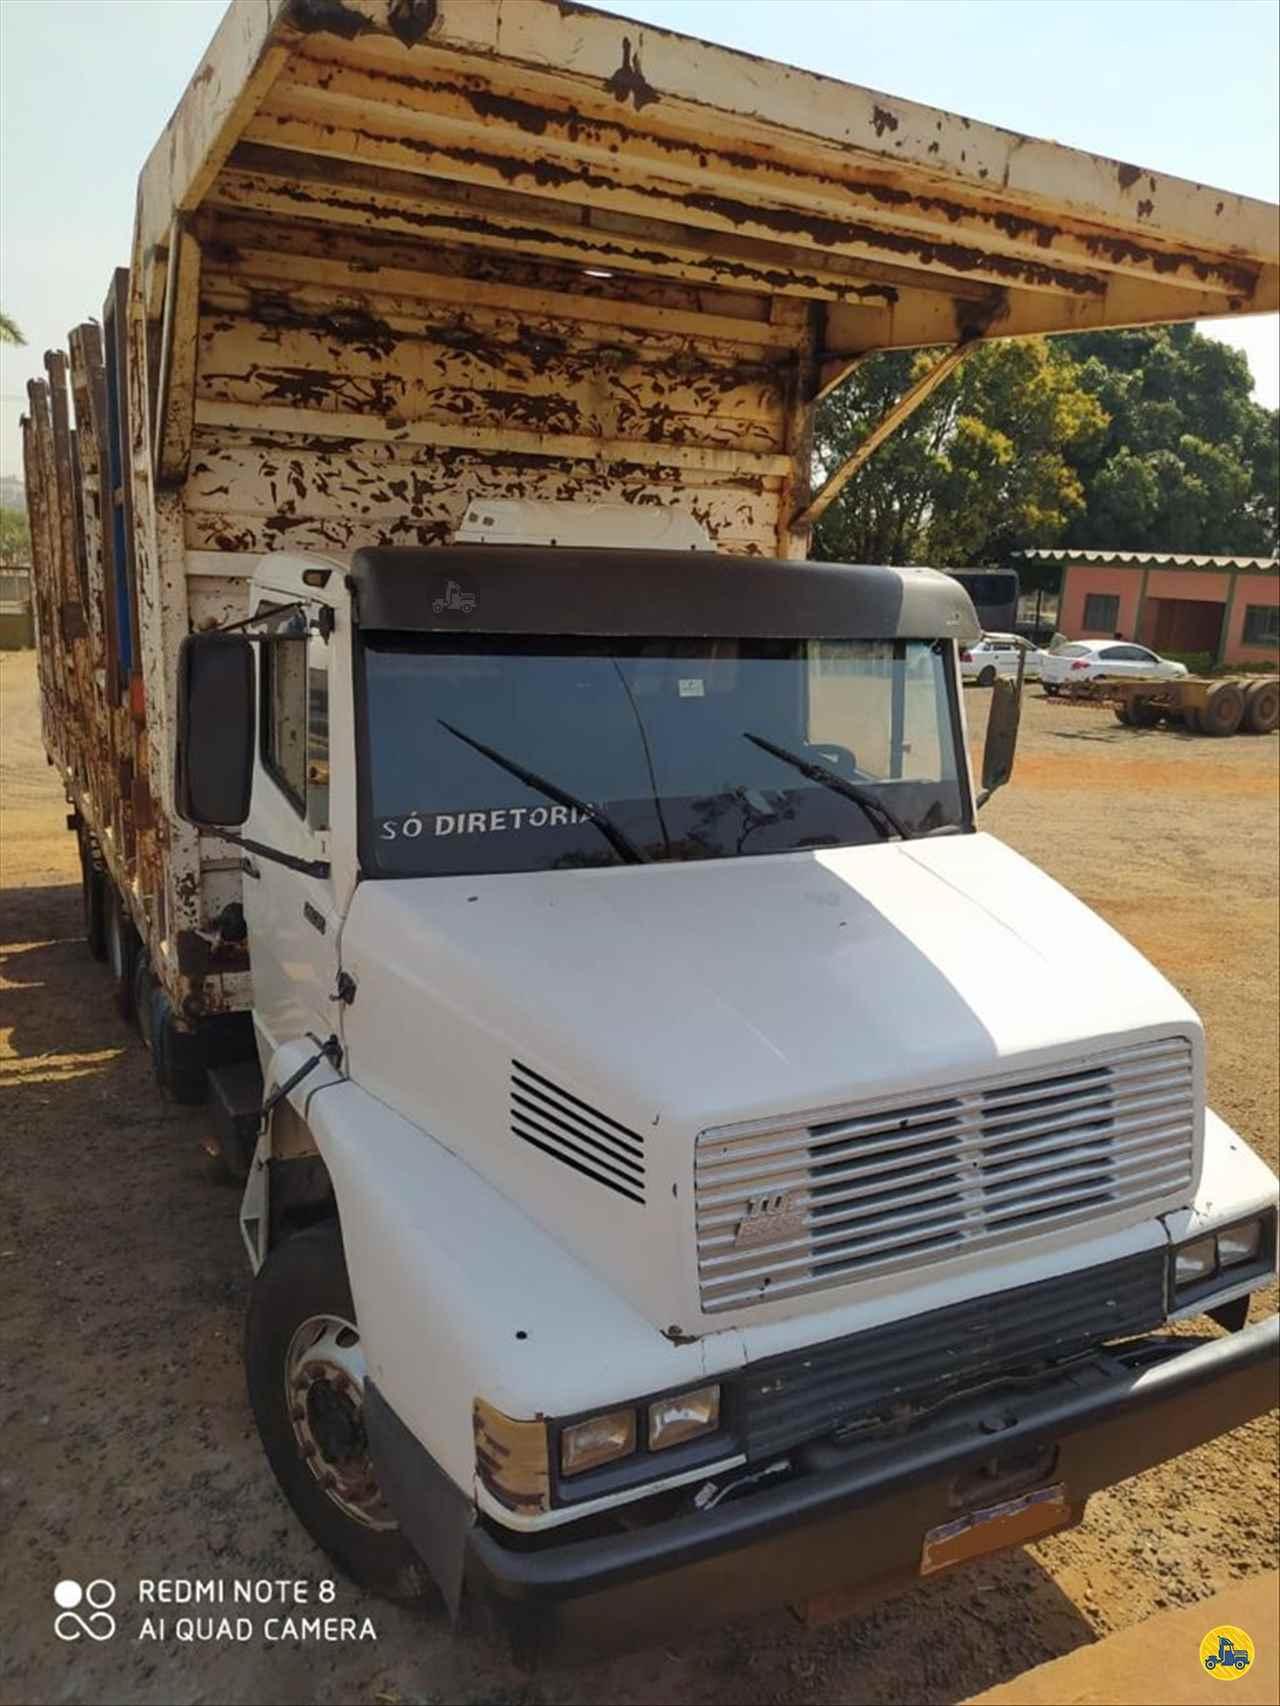 CAMINHAO MERCEDES-BENZ MB 2635 Plataforma Traçado 6x4 AutoVia Caminhões ARARAQUARA SÃO PAULO SP